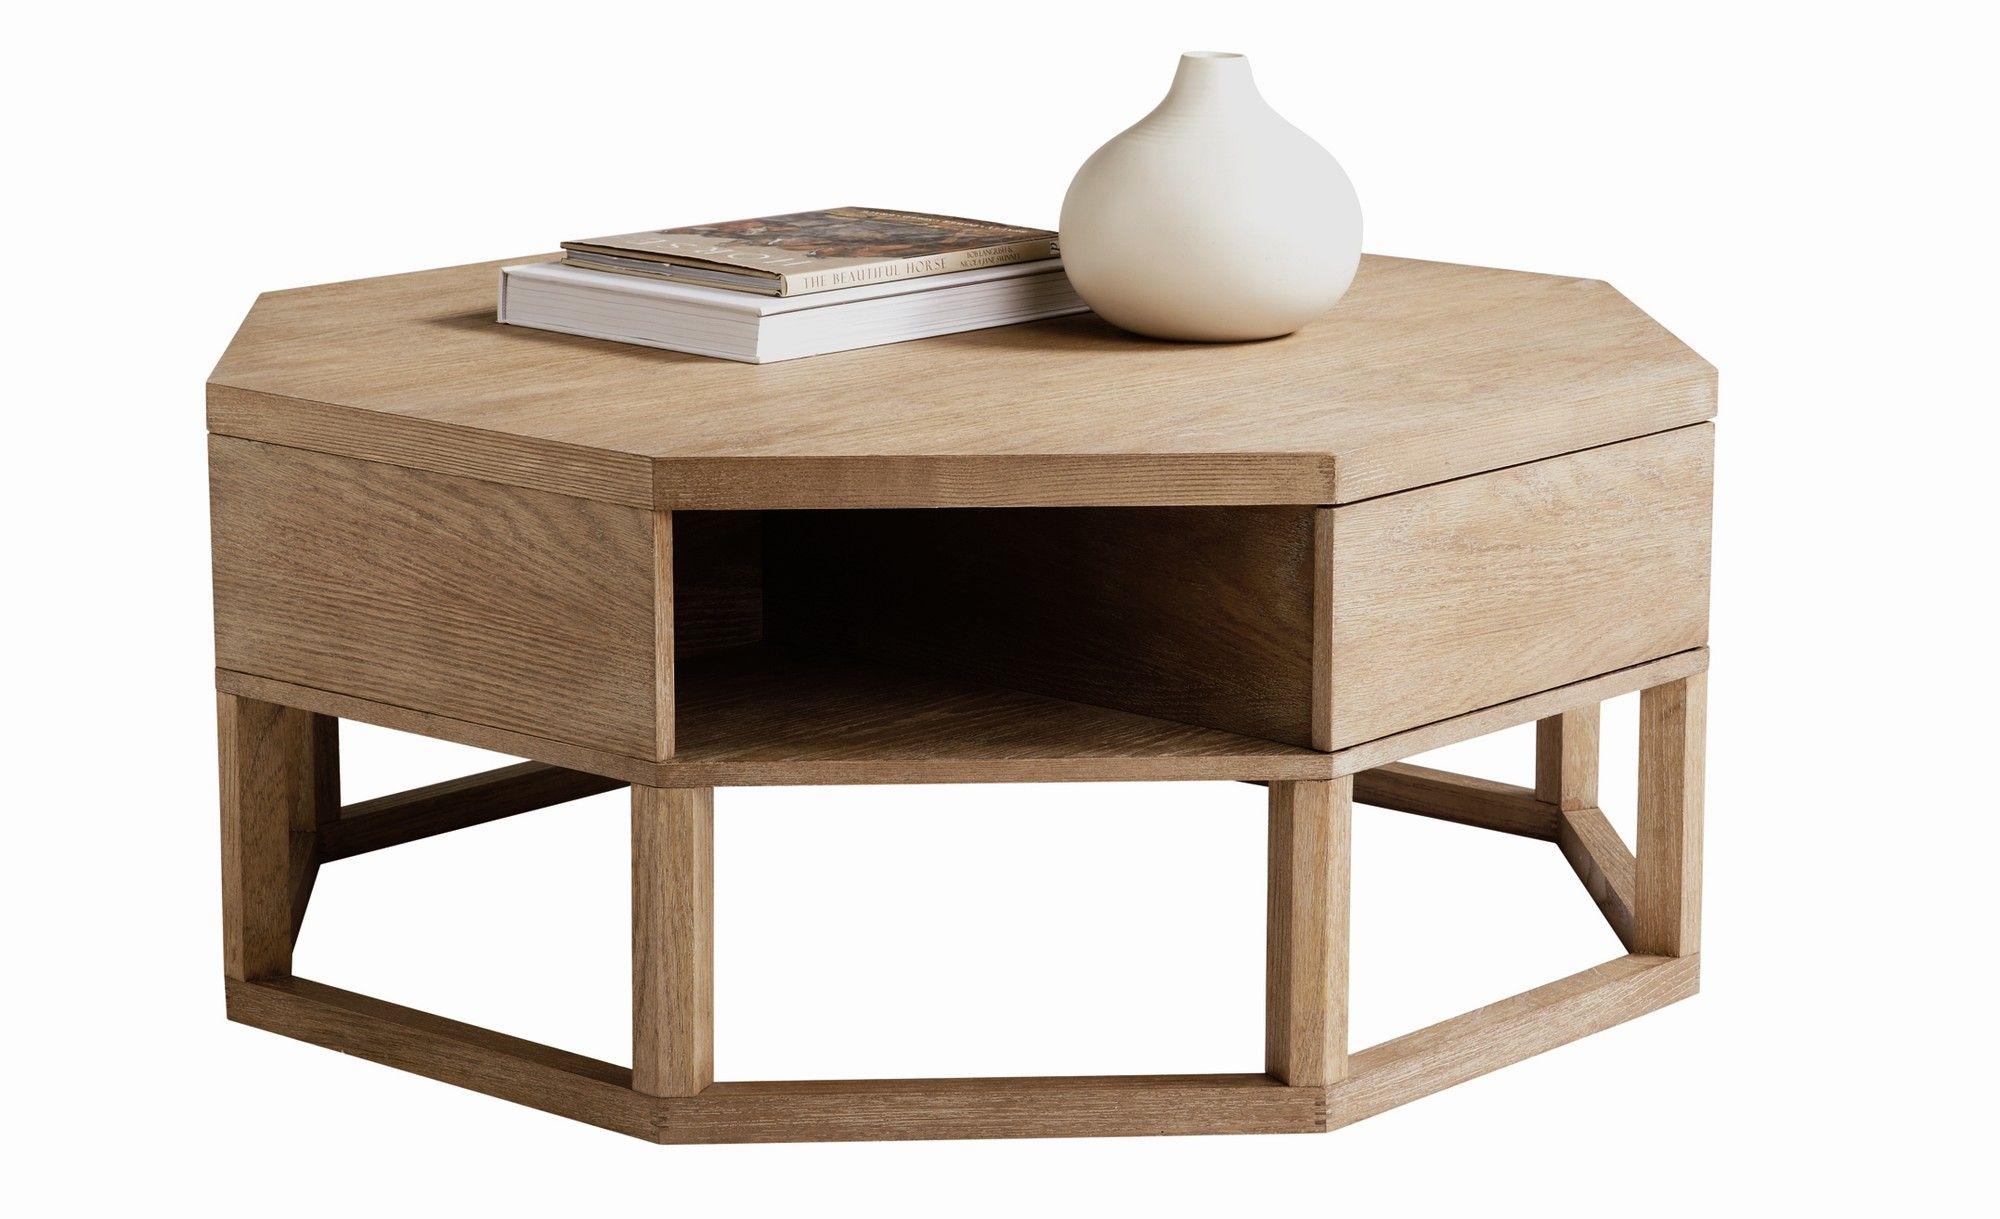 Sunpan Modern Orga Coffee Table Coffee Table Octagonal Coffee Table Home Furniture [ 1219 x 2000 Pixel ]